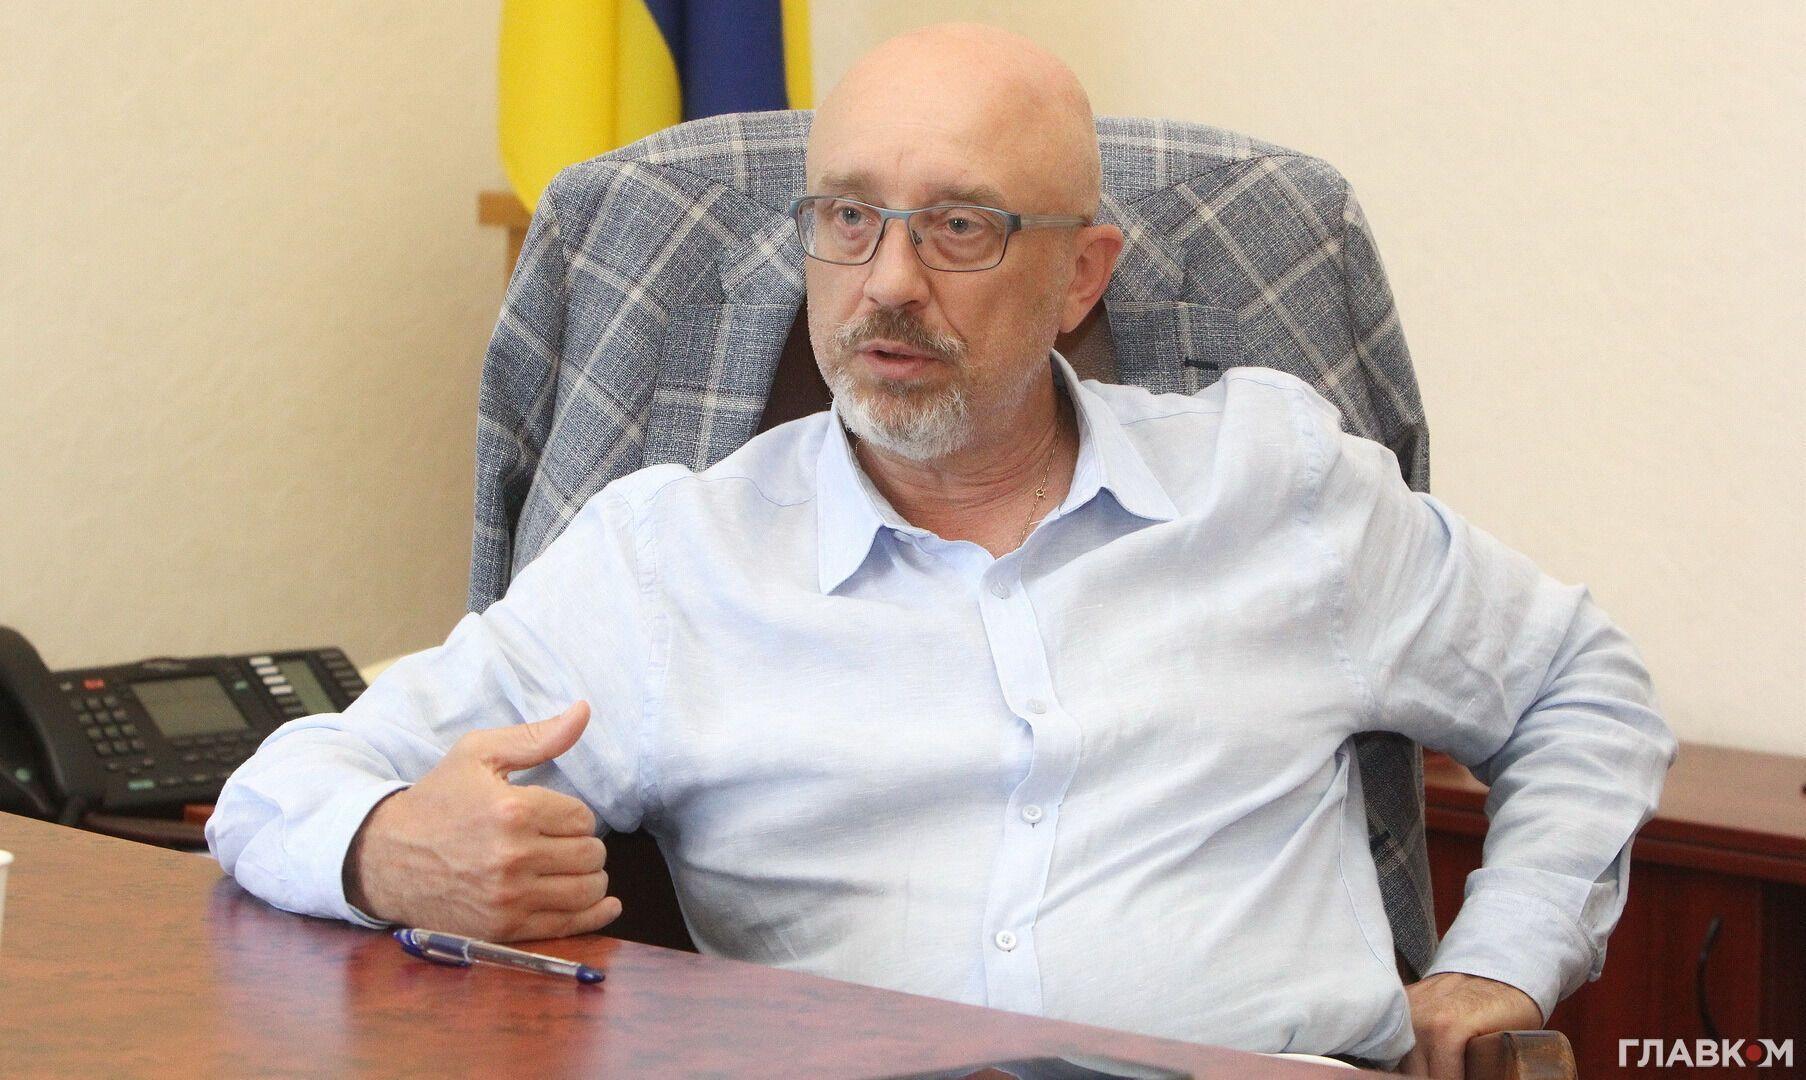 Резніков розповів про вартість відновлення Донбасу